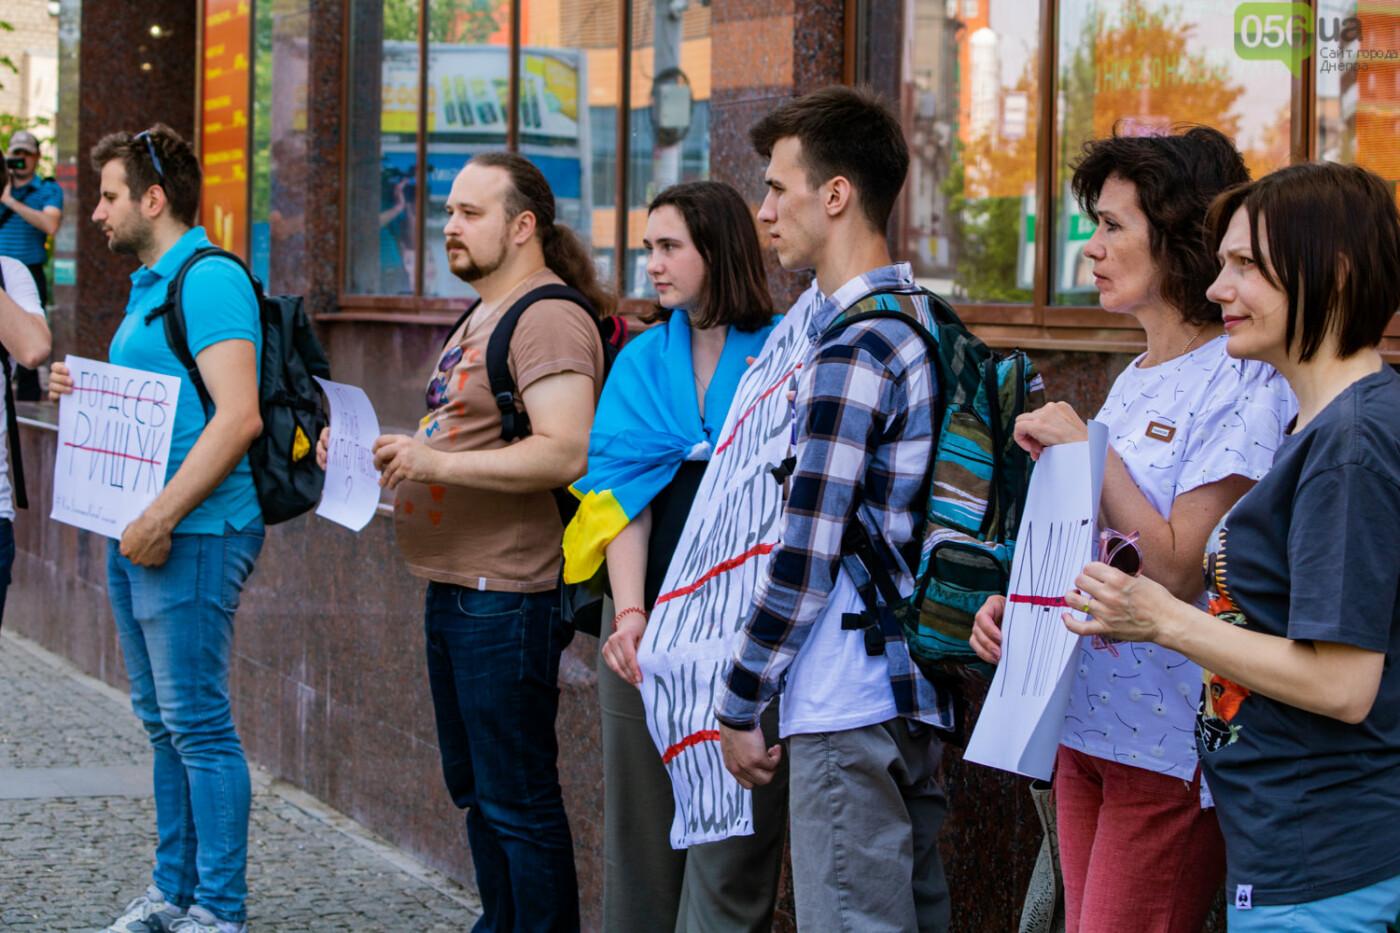 Фаера, плакаты и активисты: в центре Днепра прошла акция «Хто замовив Катю Гандзюк?», - ФОТОРЕПОРТАЖ, фото-9